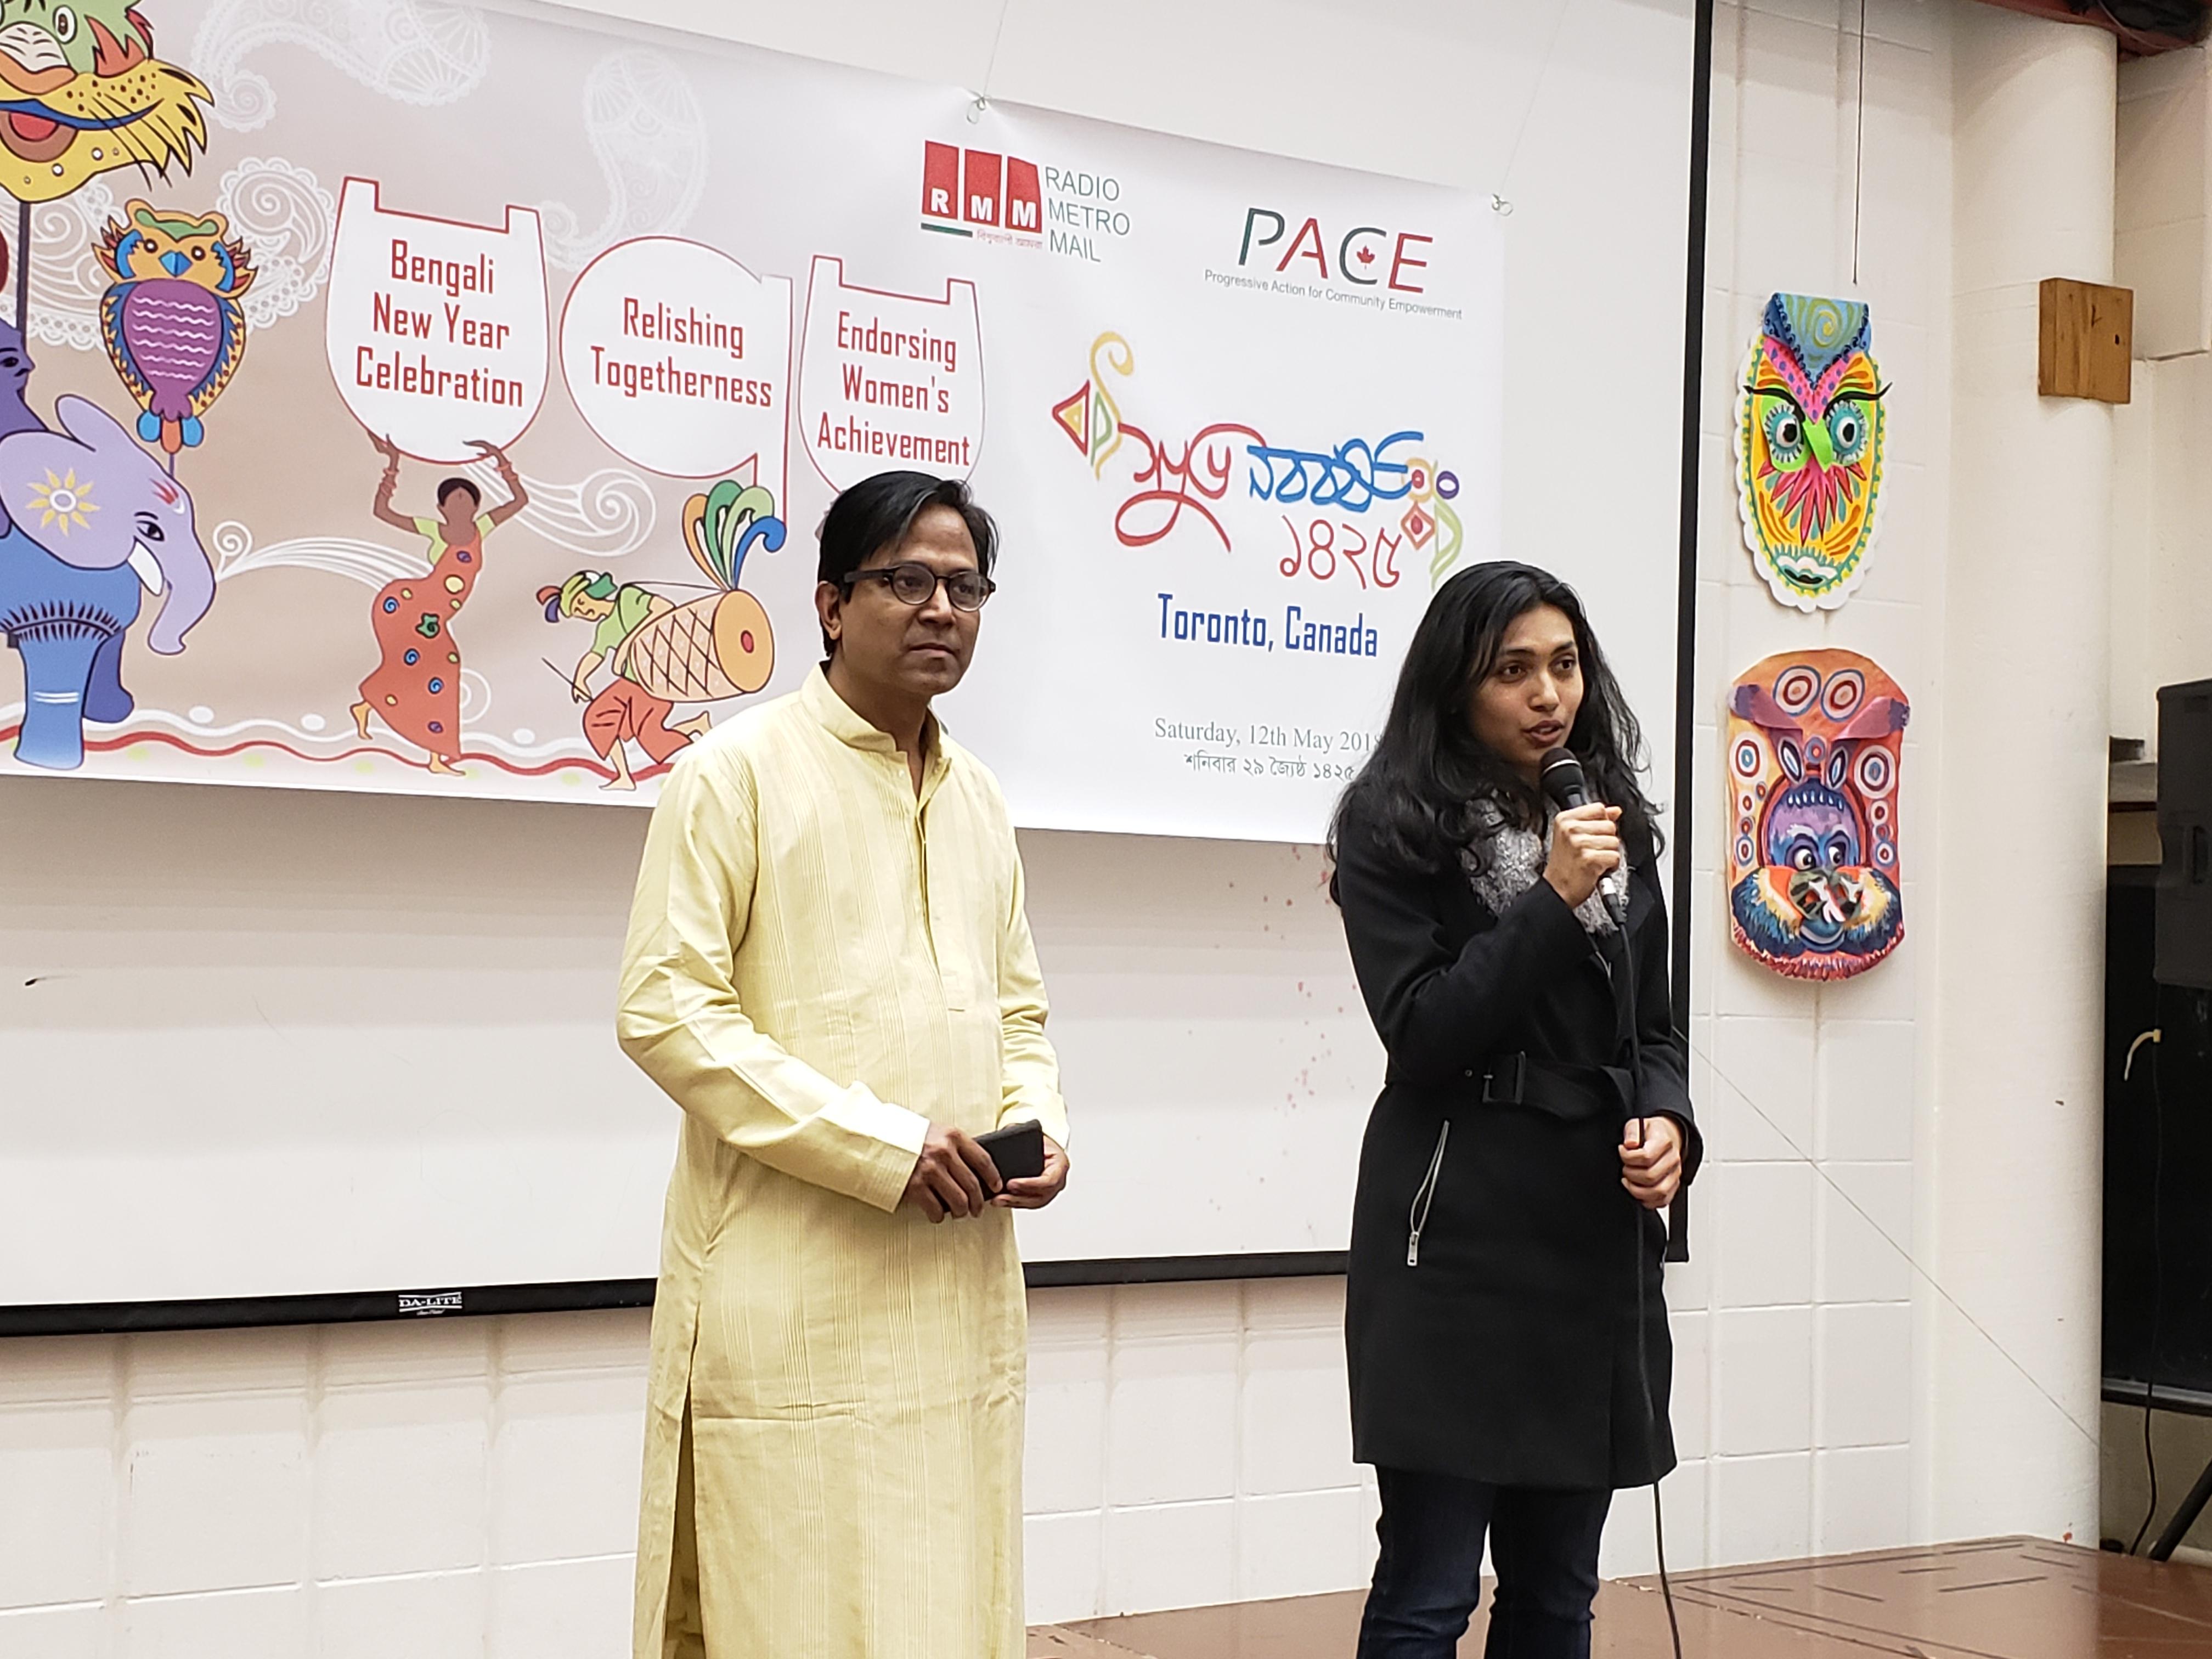 Doly Begum & Emamul Haque